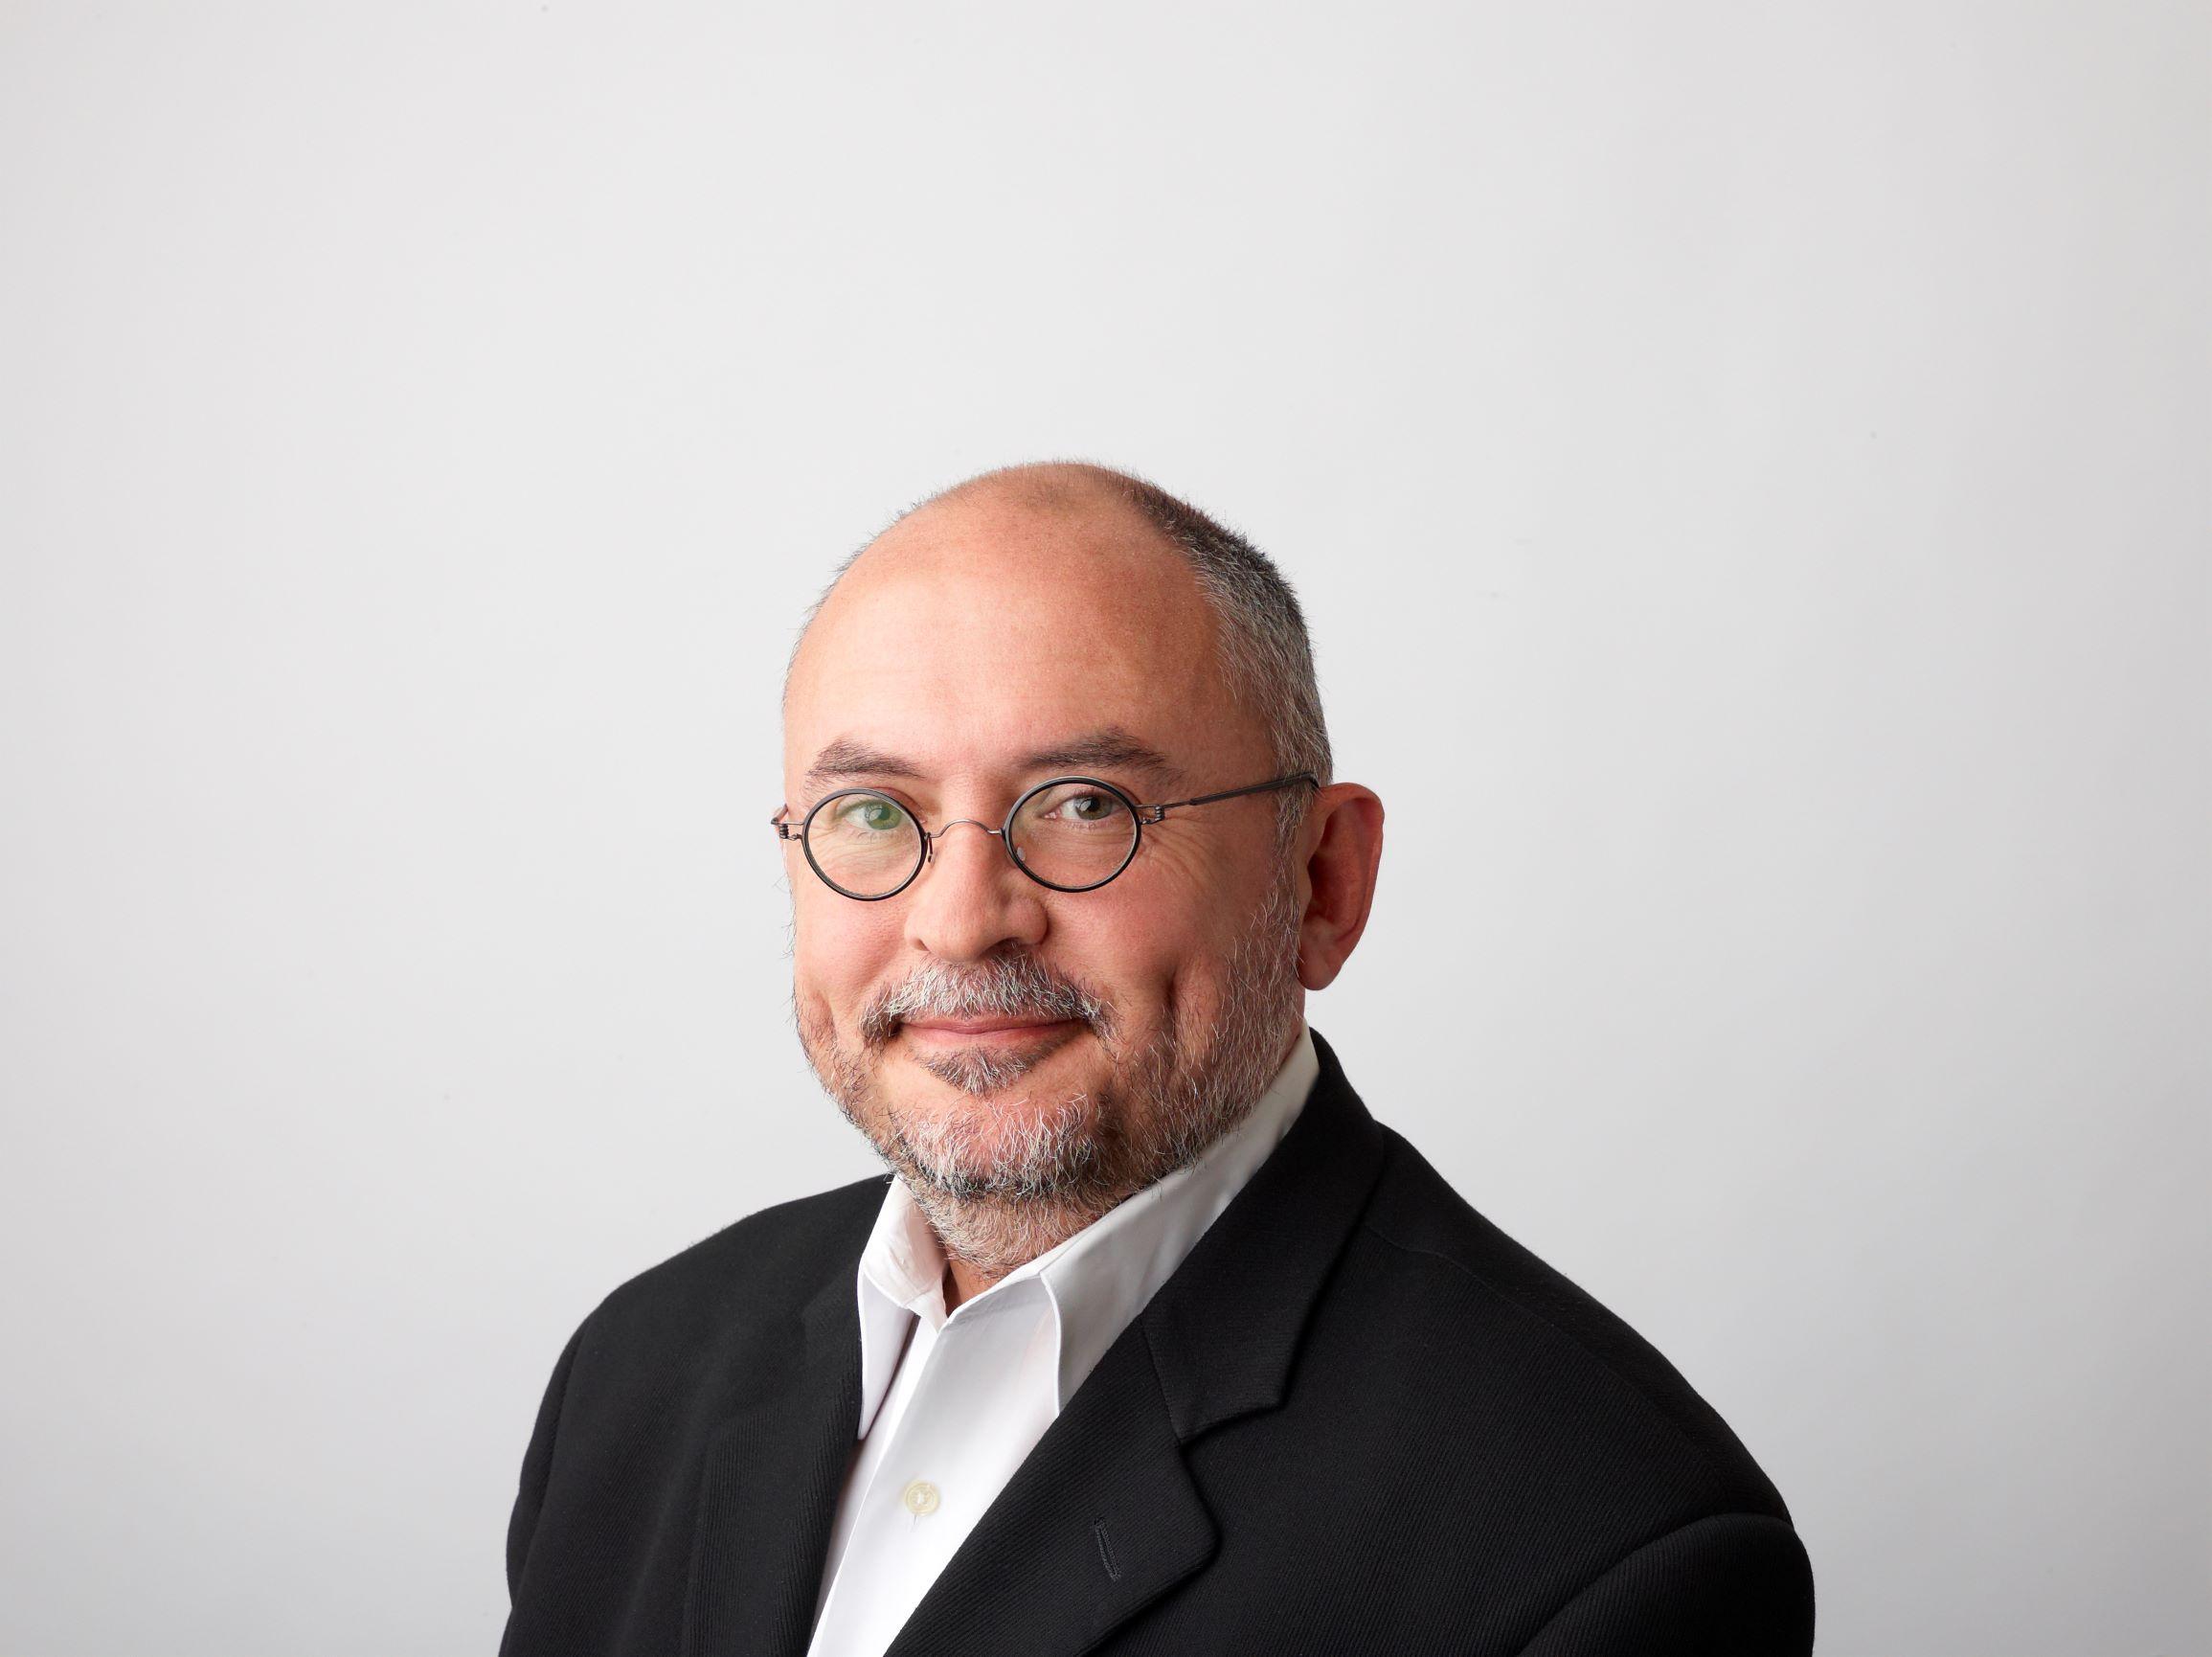 Guillaume Alvarez, vice-président senior de Steelcase est dans le JDE